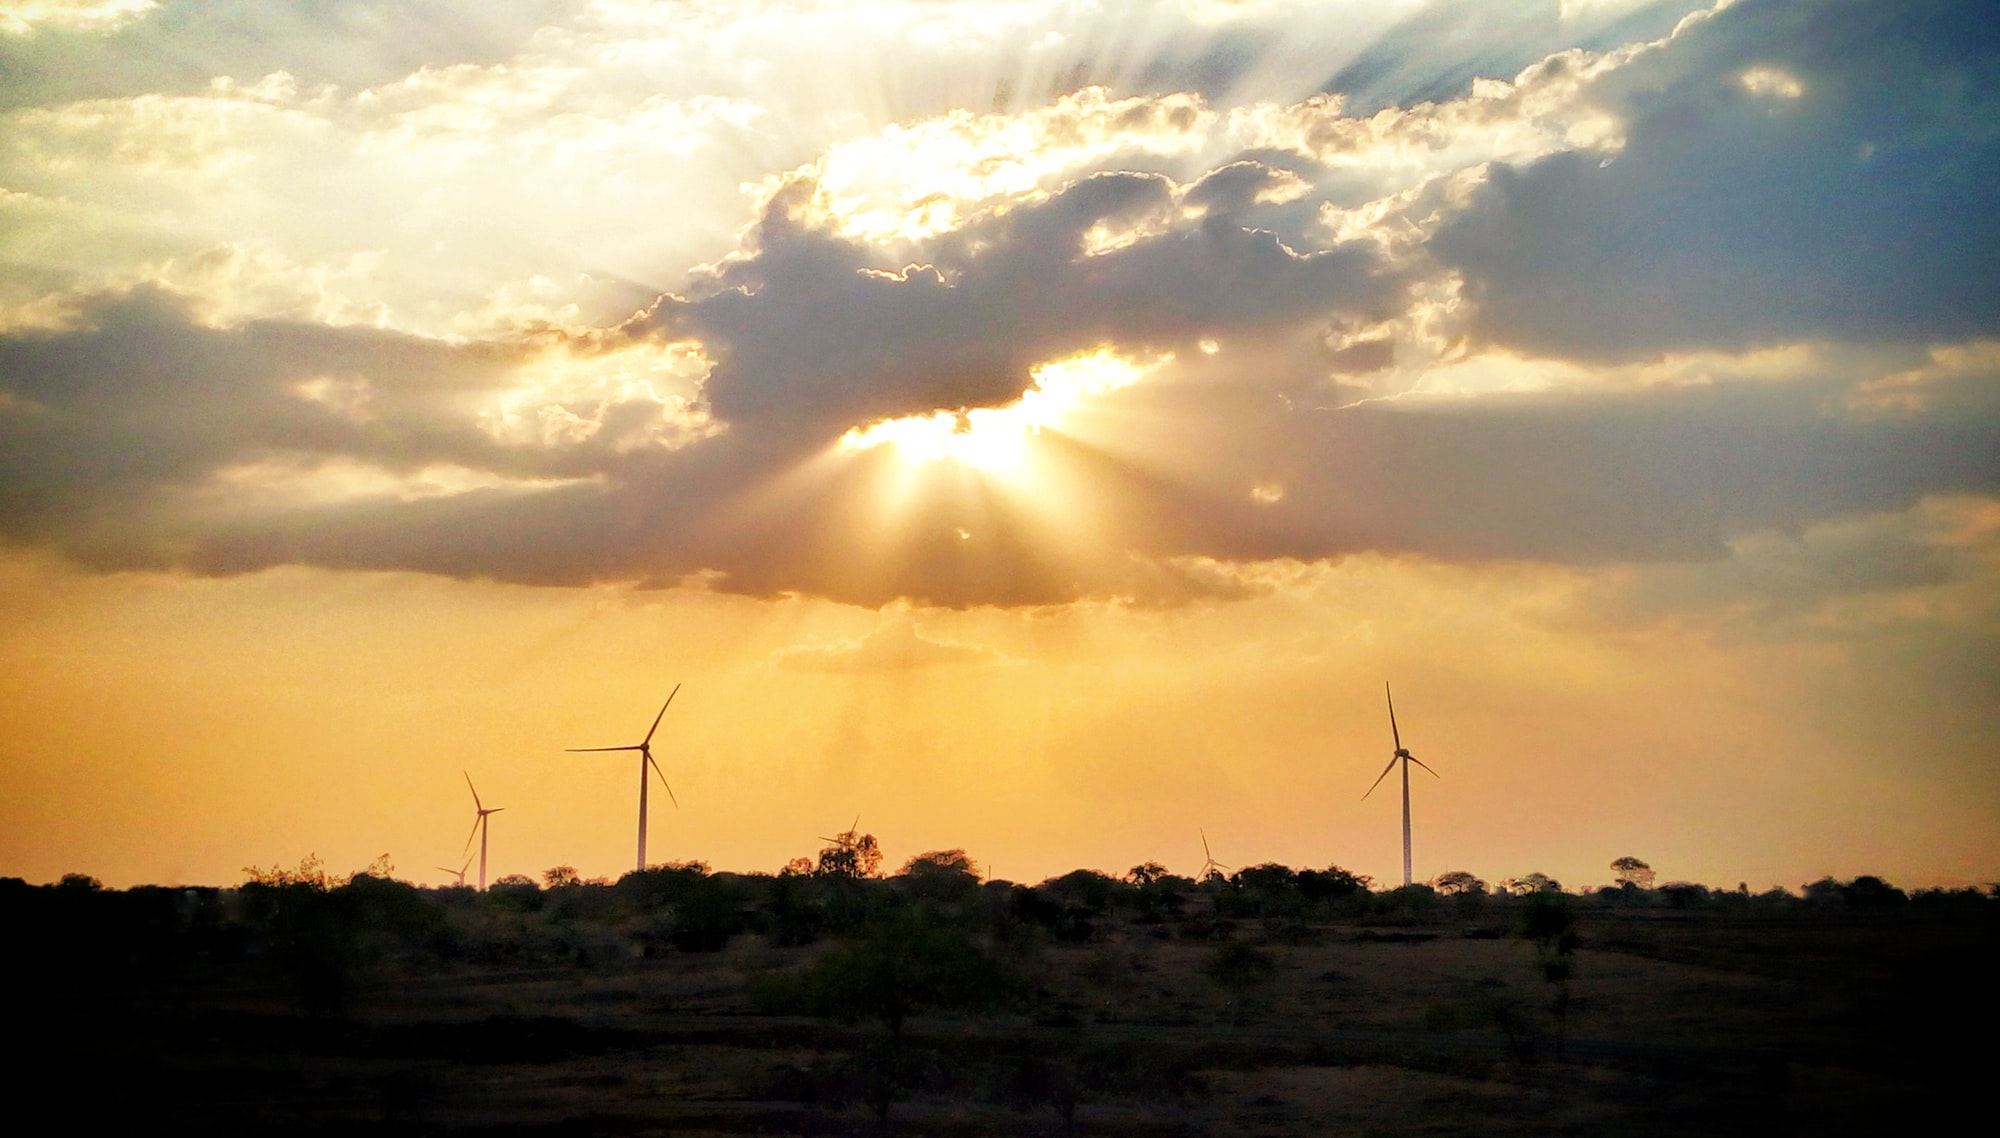 Uhlí v EU kolabuje, loni vyrobily vítr a slunce poprvé více elektřiny než uhlí